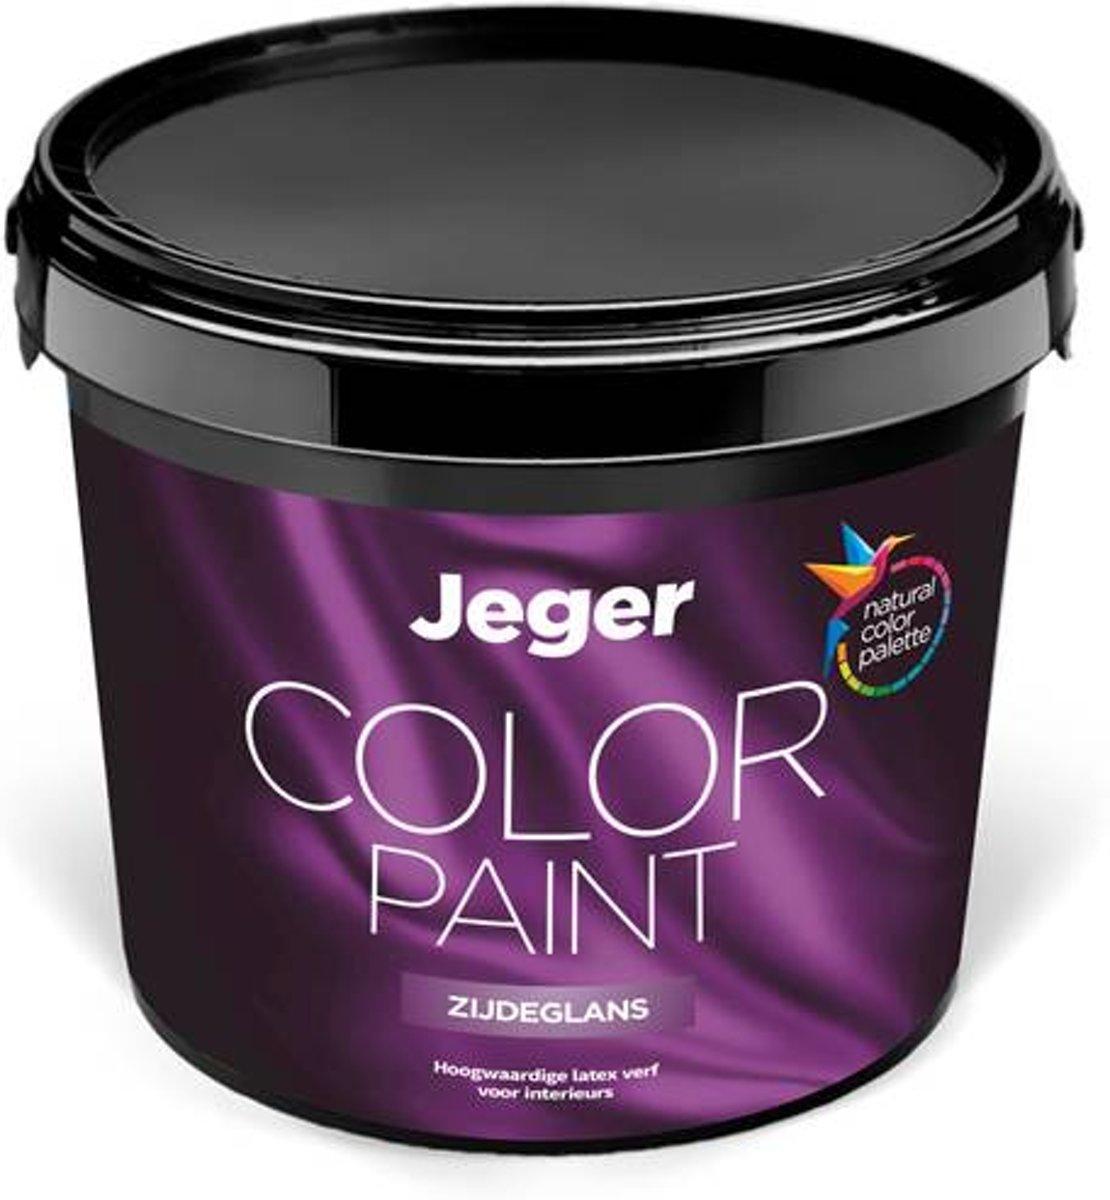 Jeger muurverf Zijdeglans voor binnen | 1 liter | Kleur Pelsgrijs (RAL 7000) Pelsgrijs - 1L